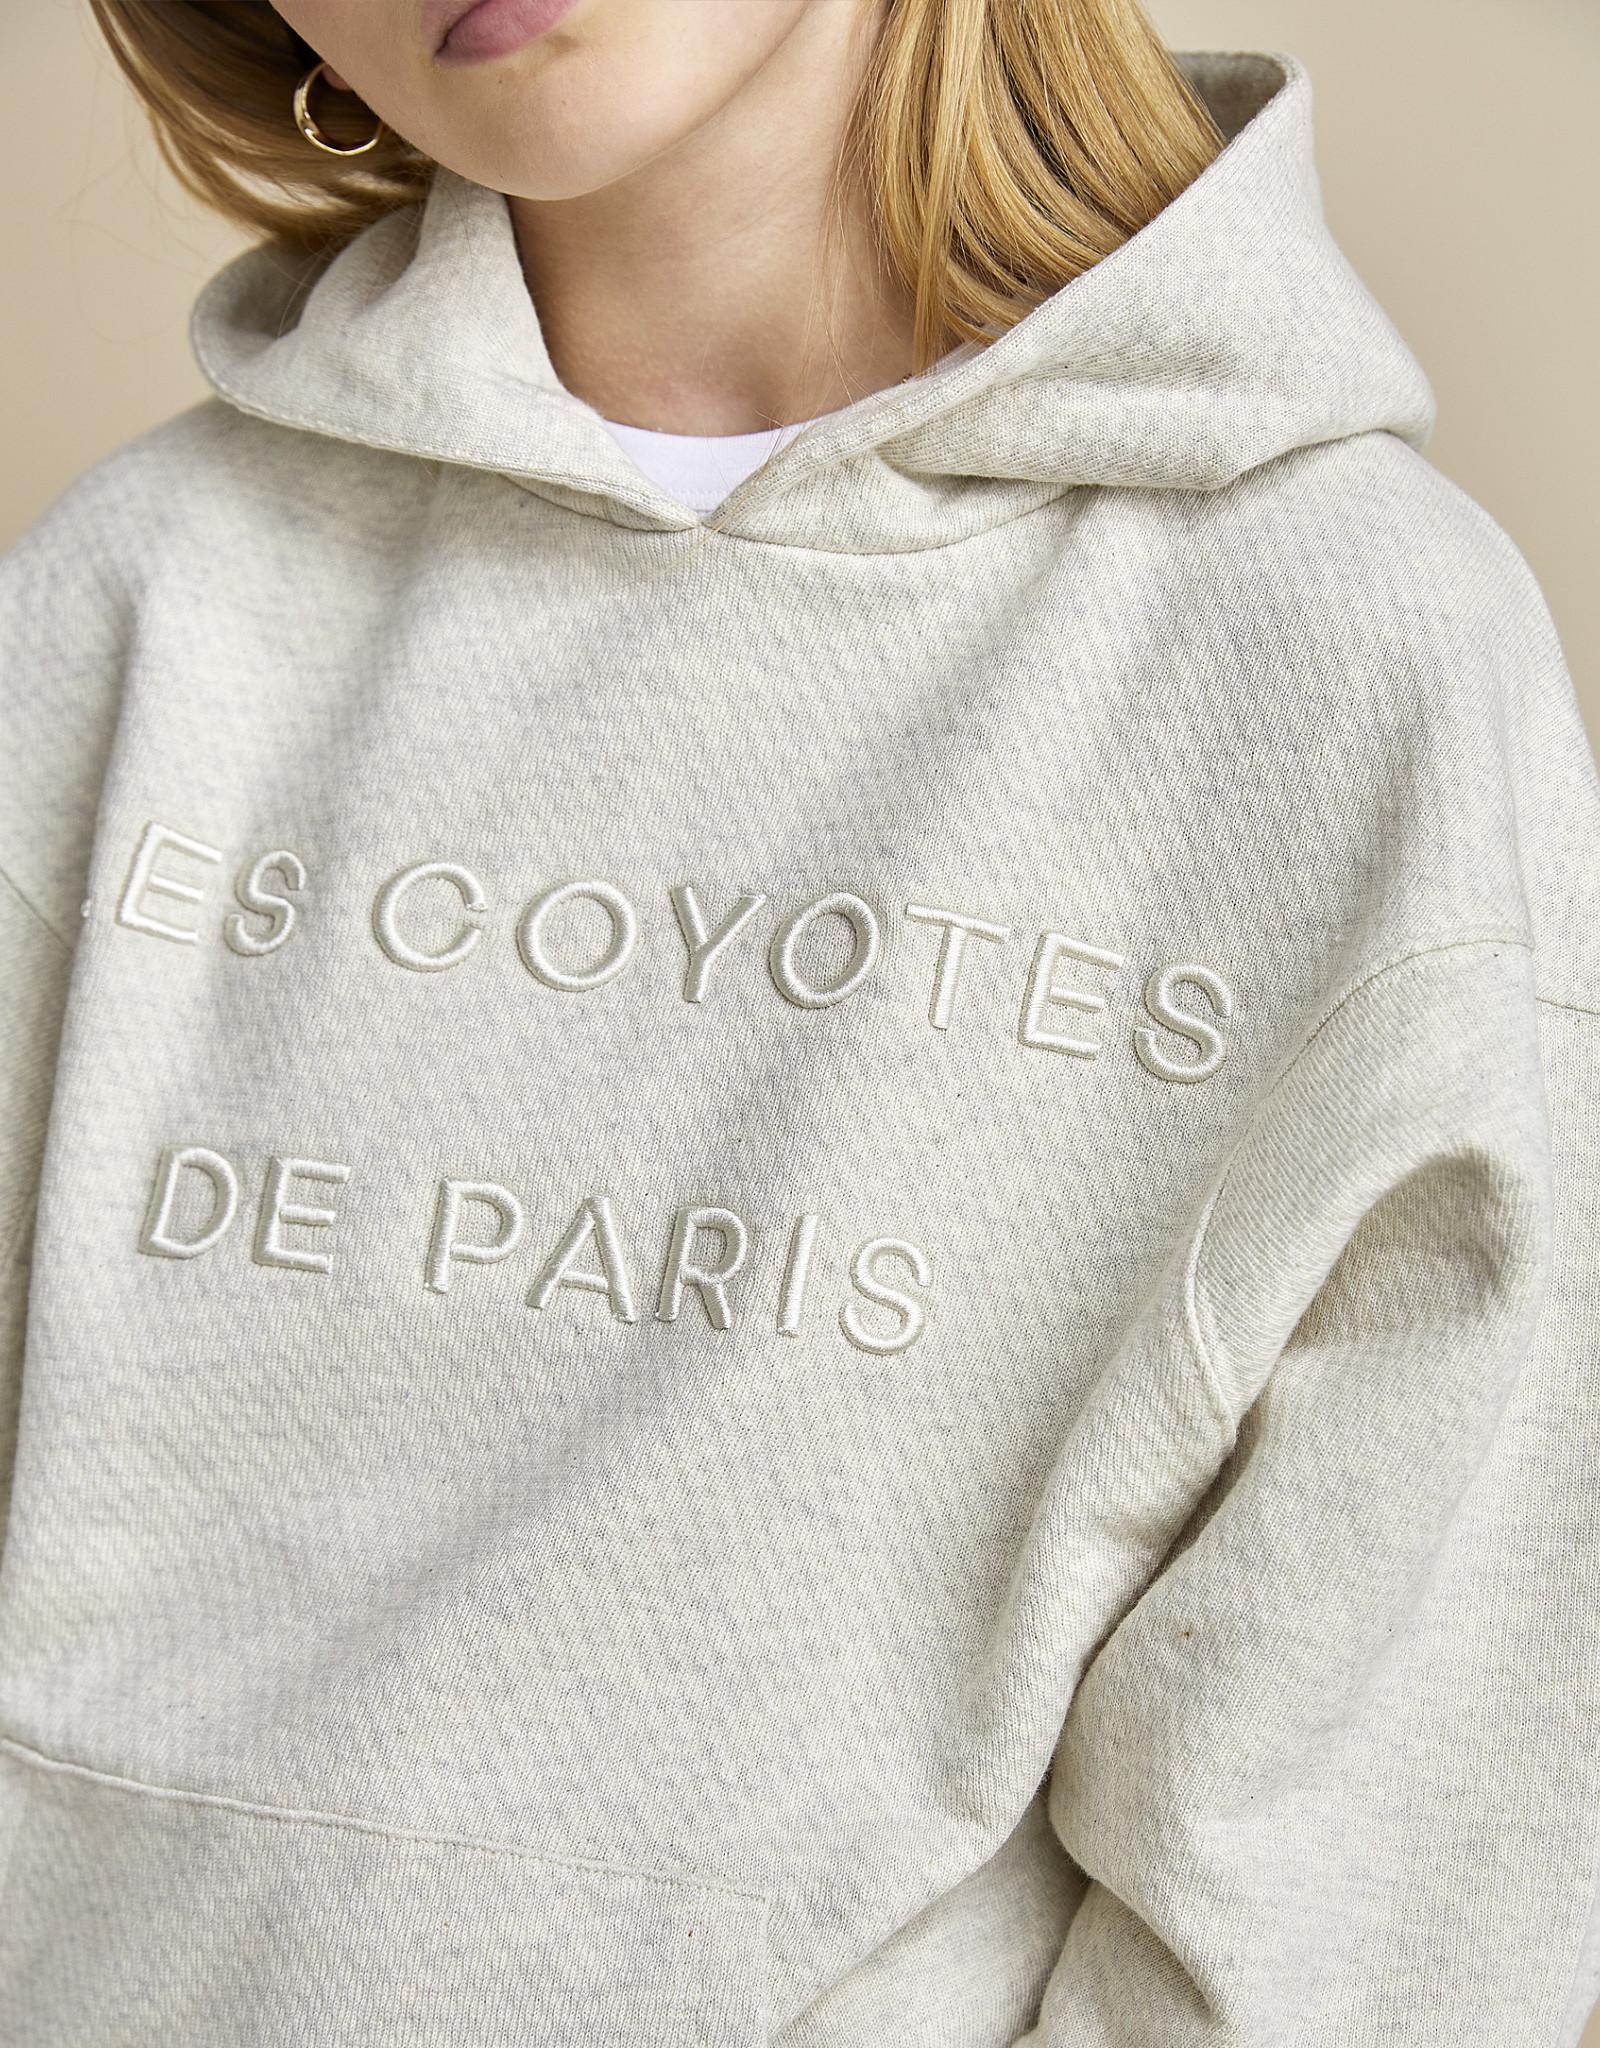 LES COYOTES DE PARIS LES COYOTES DE PARIS  Sweater Boaz cream melange